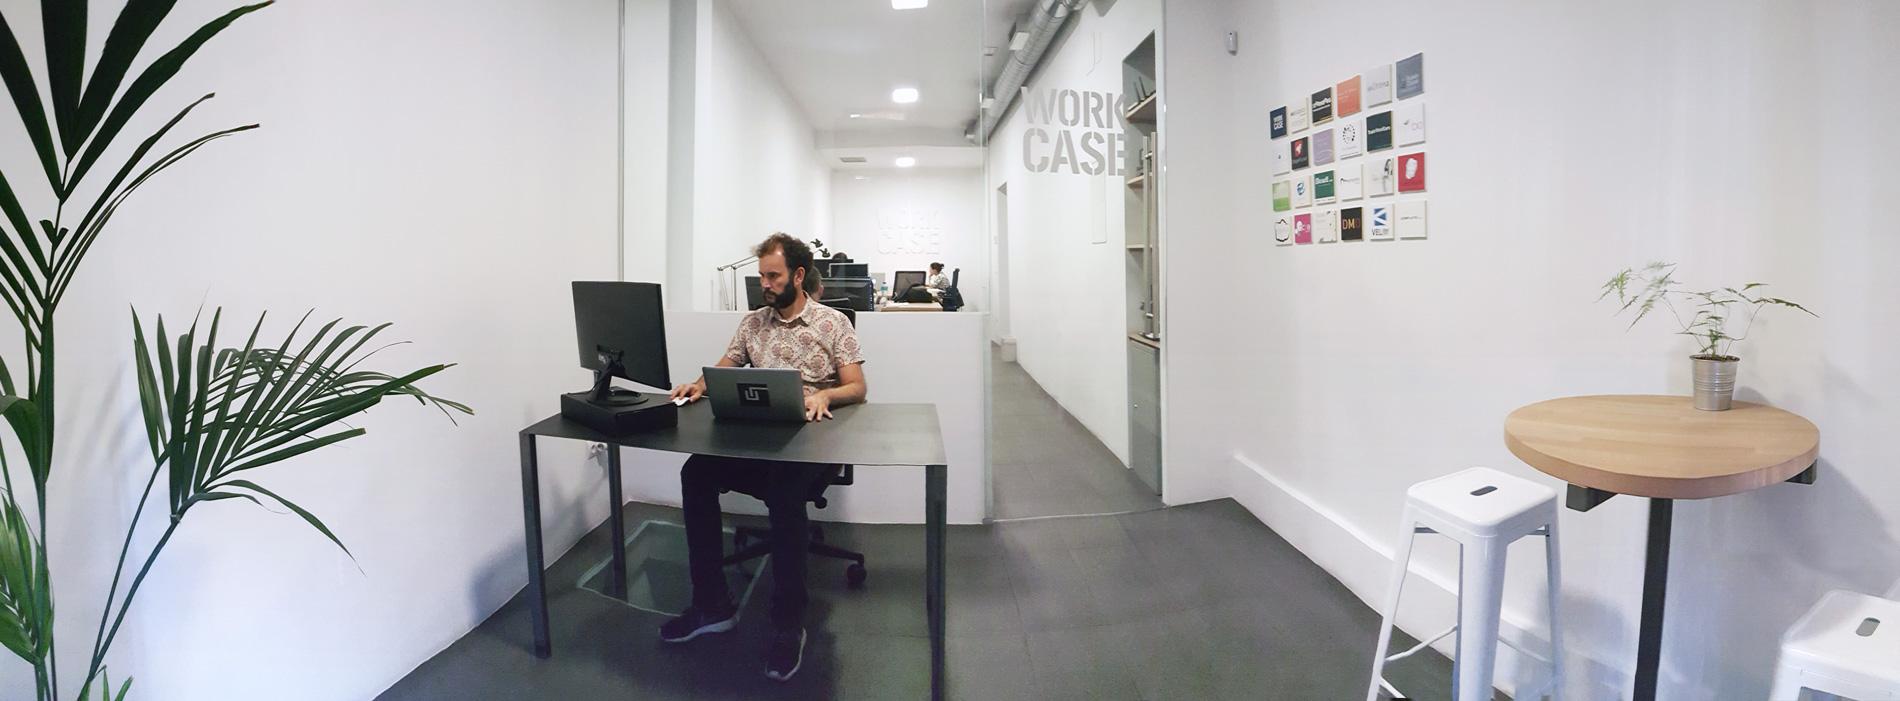 Workcase, Madrid